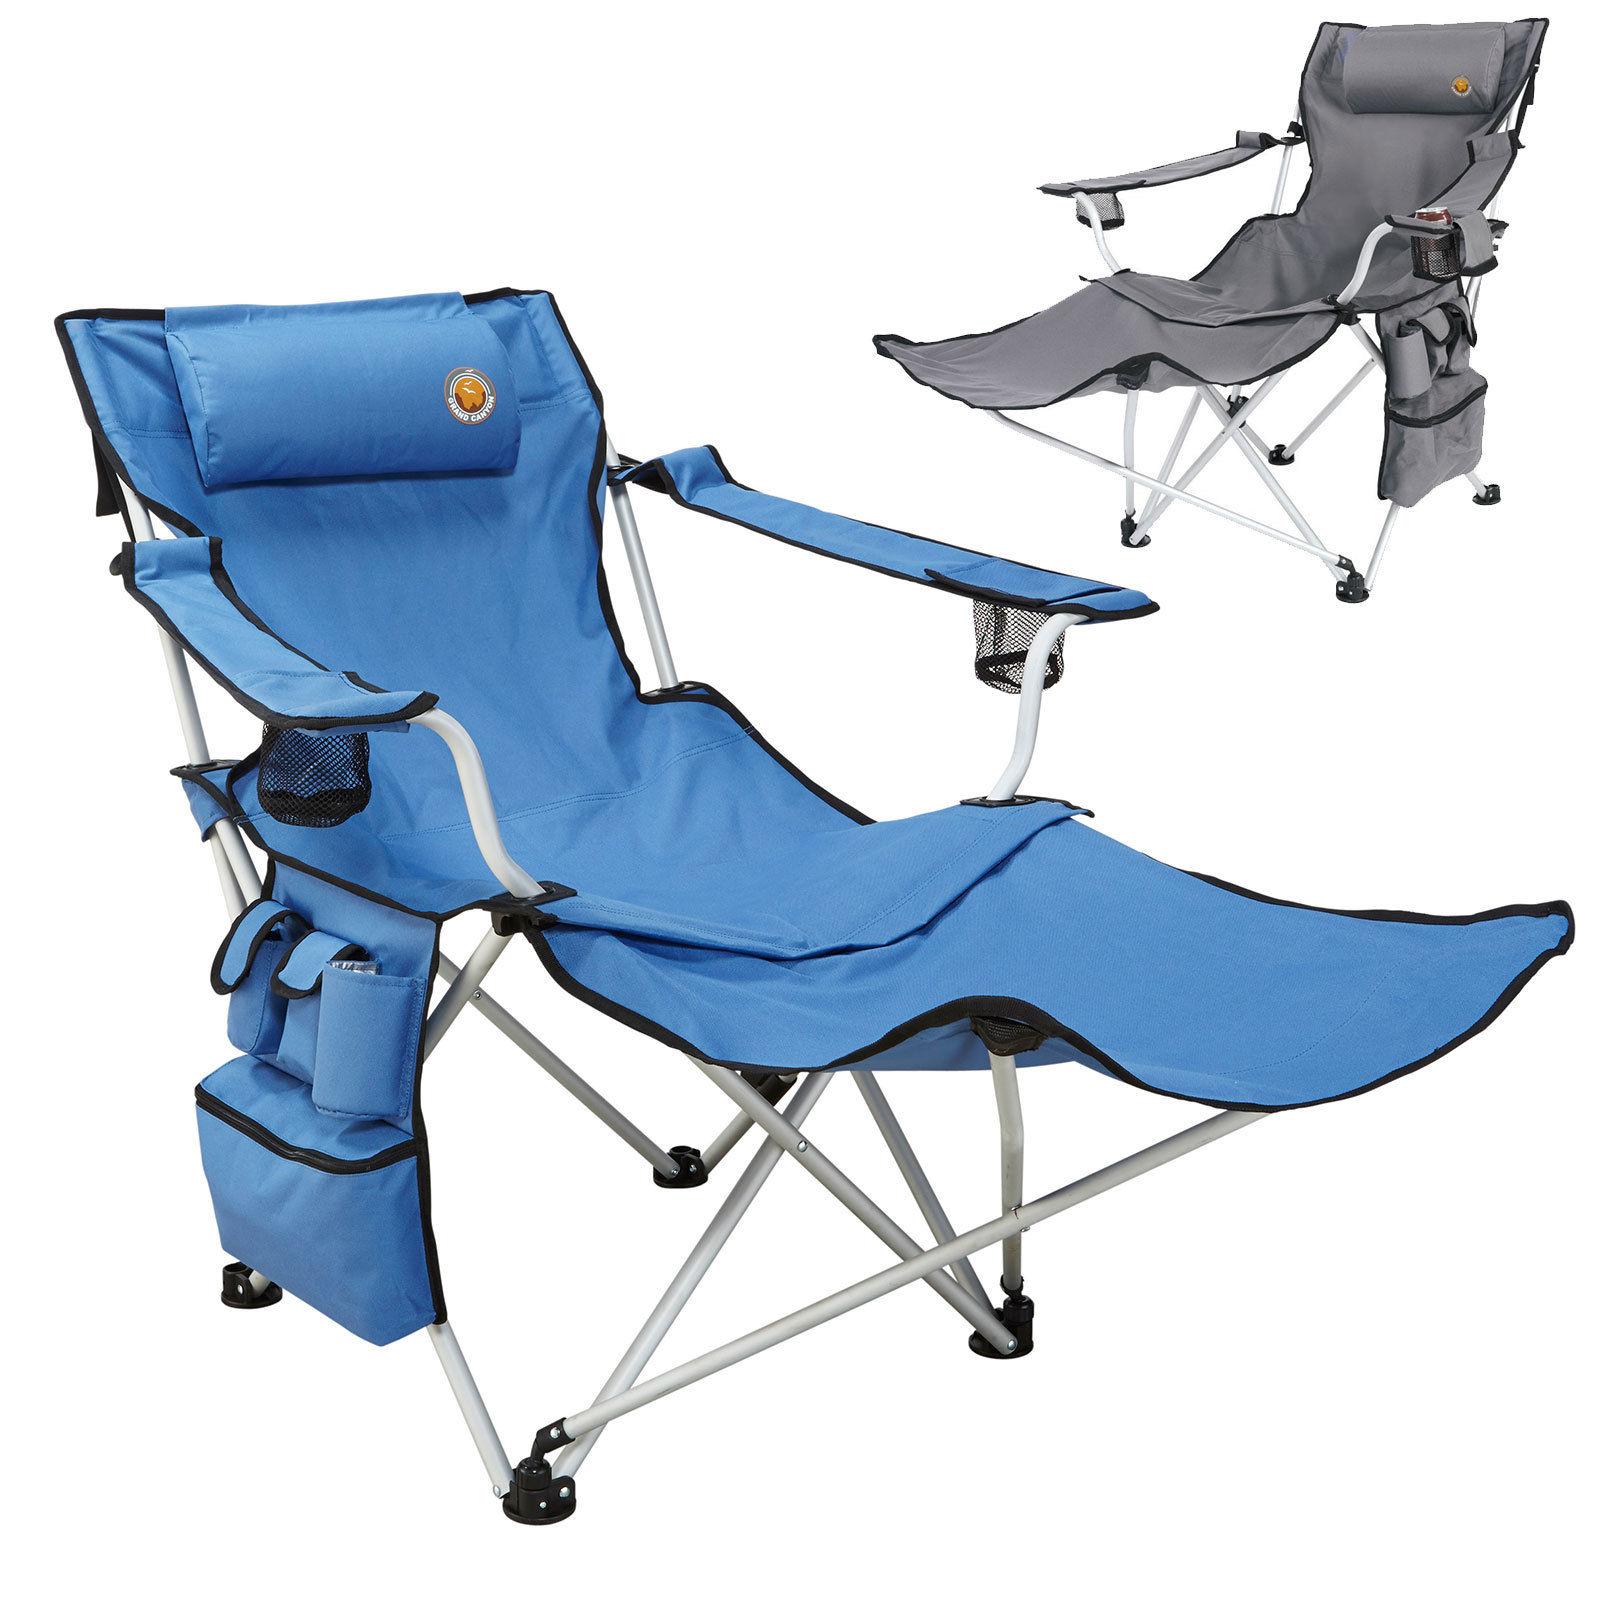 red mountain regiestuhl stahl regisseur klapp stuhl camping angler falt sessel ebay. Black Bedroom Furniture Sets. Home Design Ideas